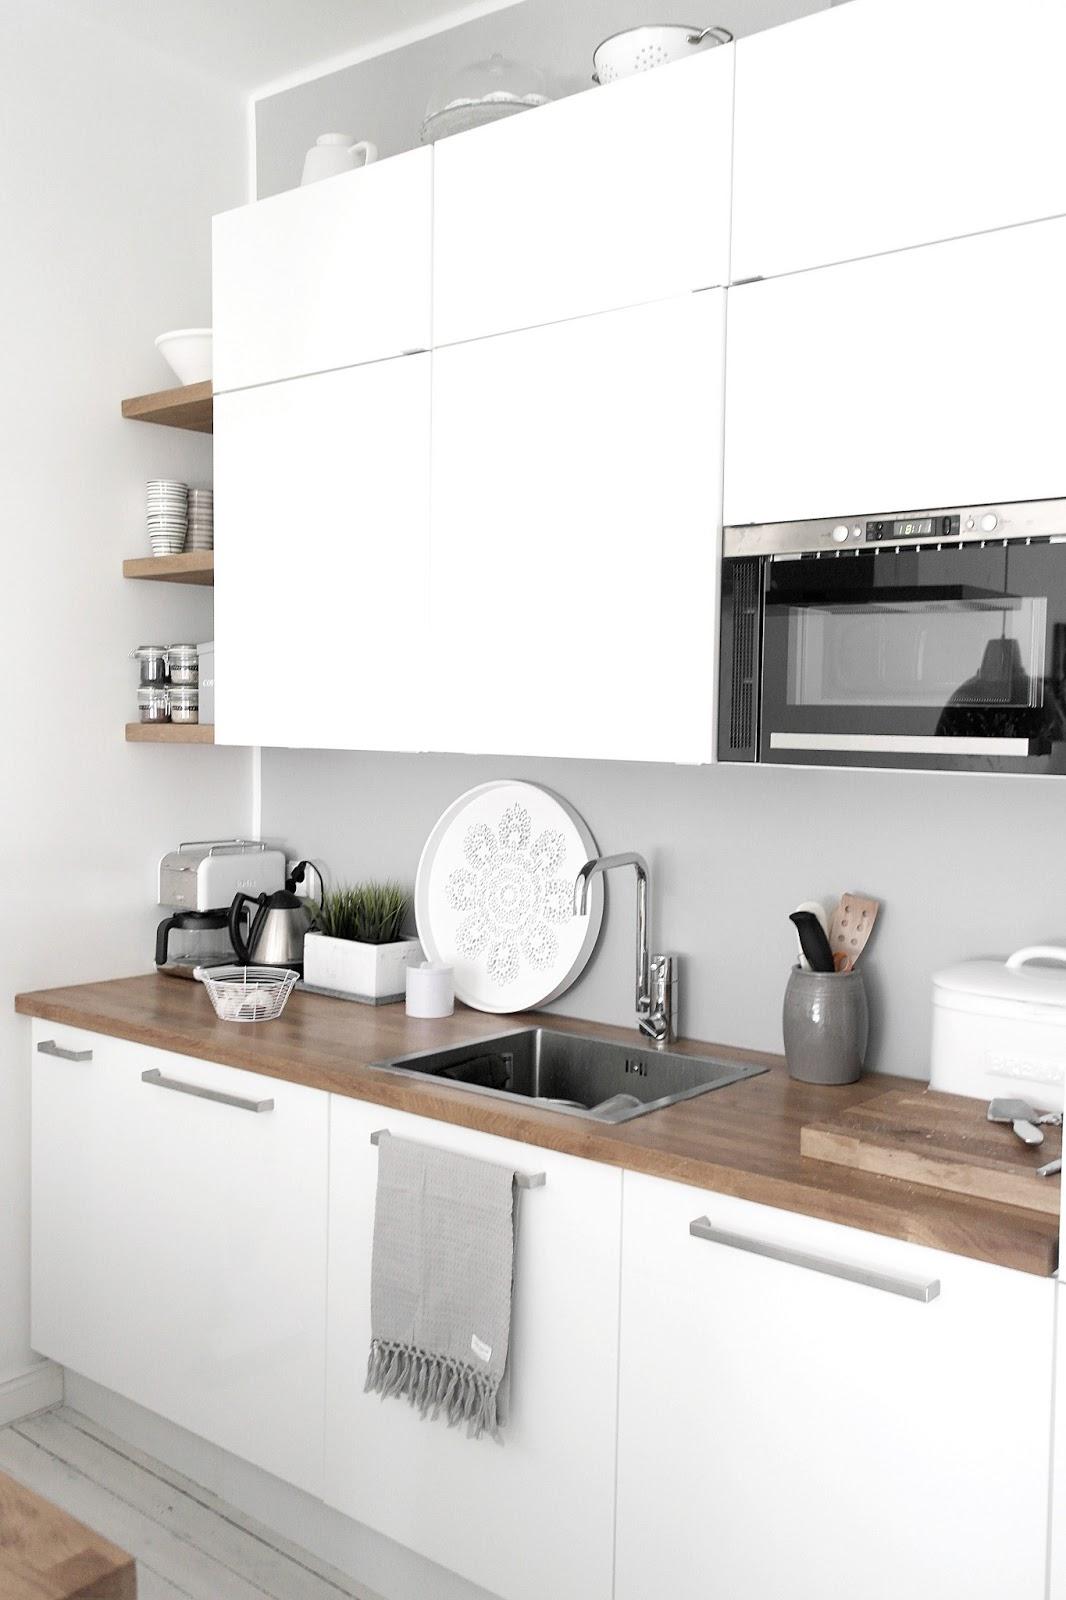 55 - In cucina con pippo de agostini ...